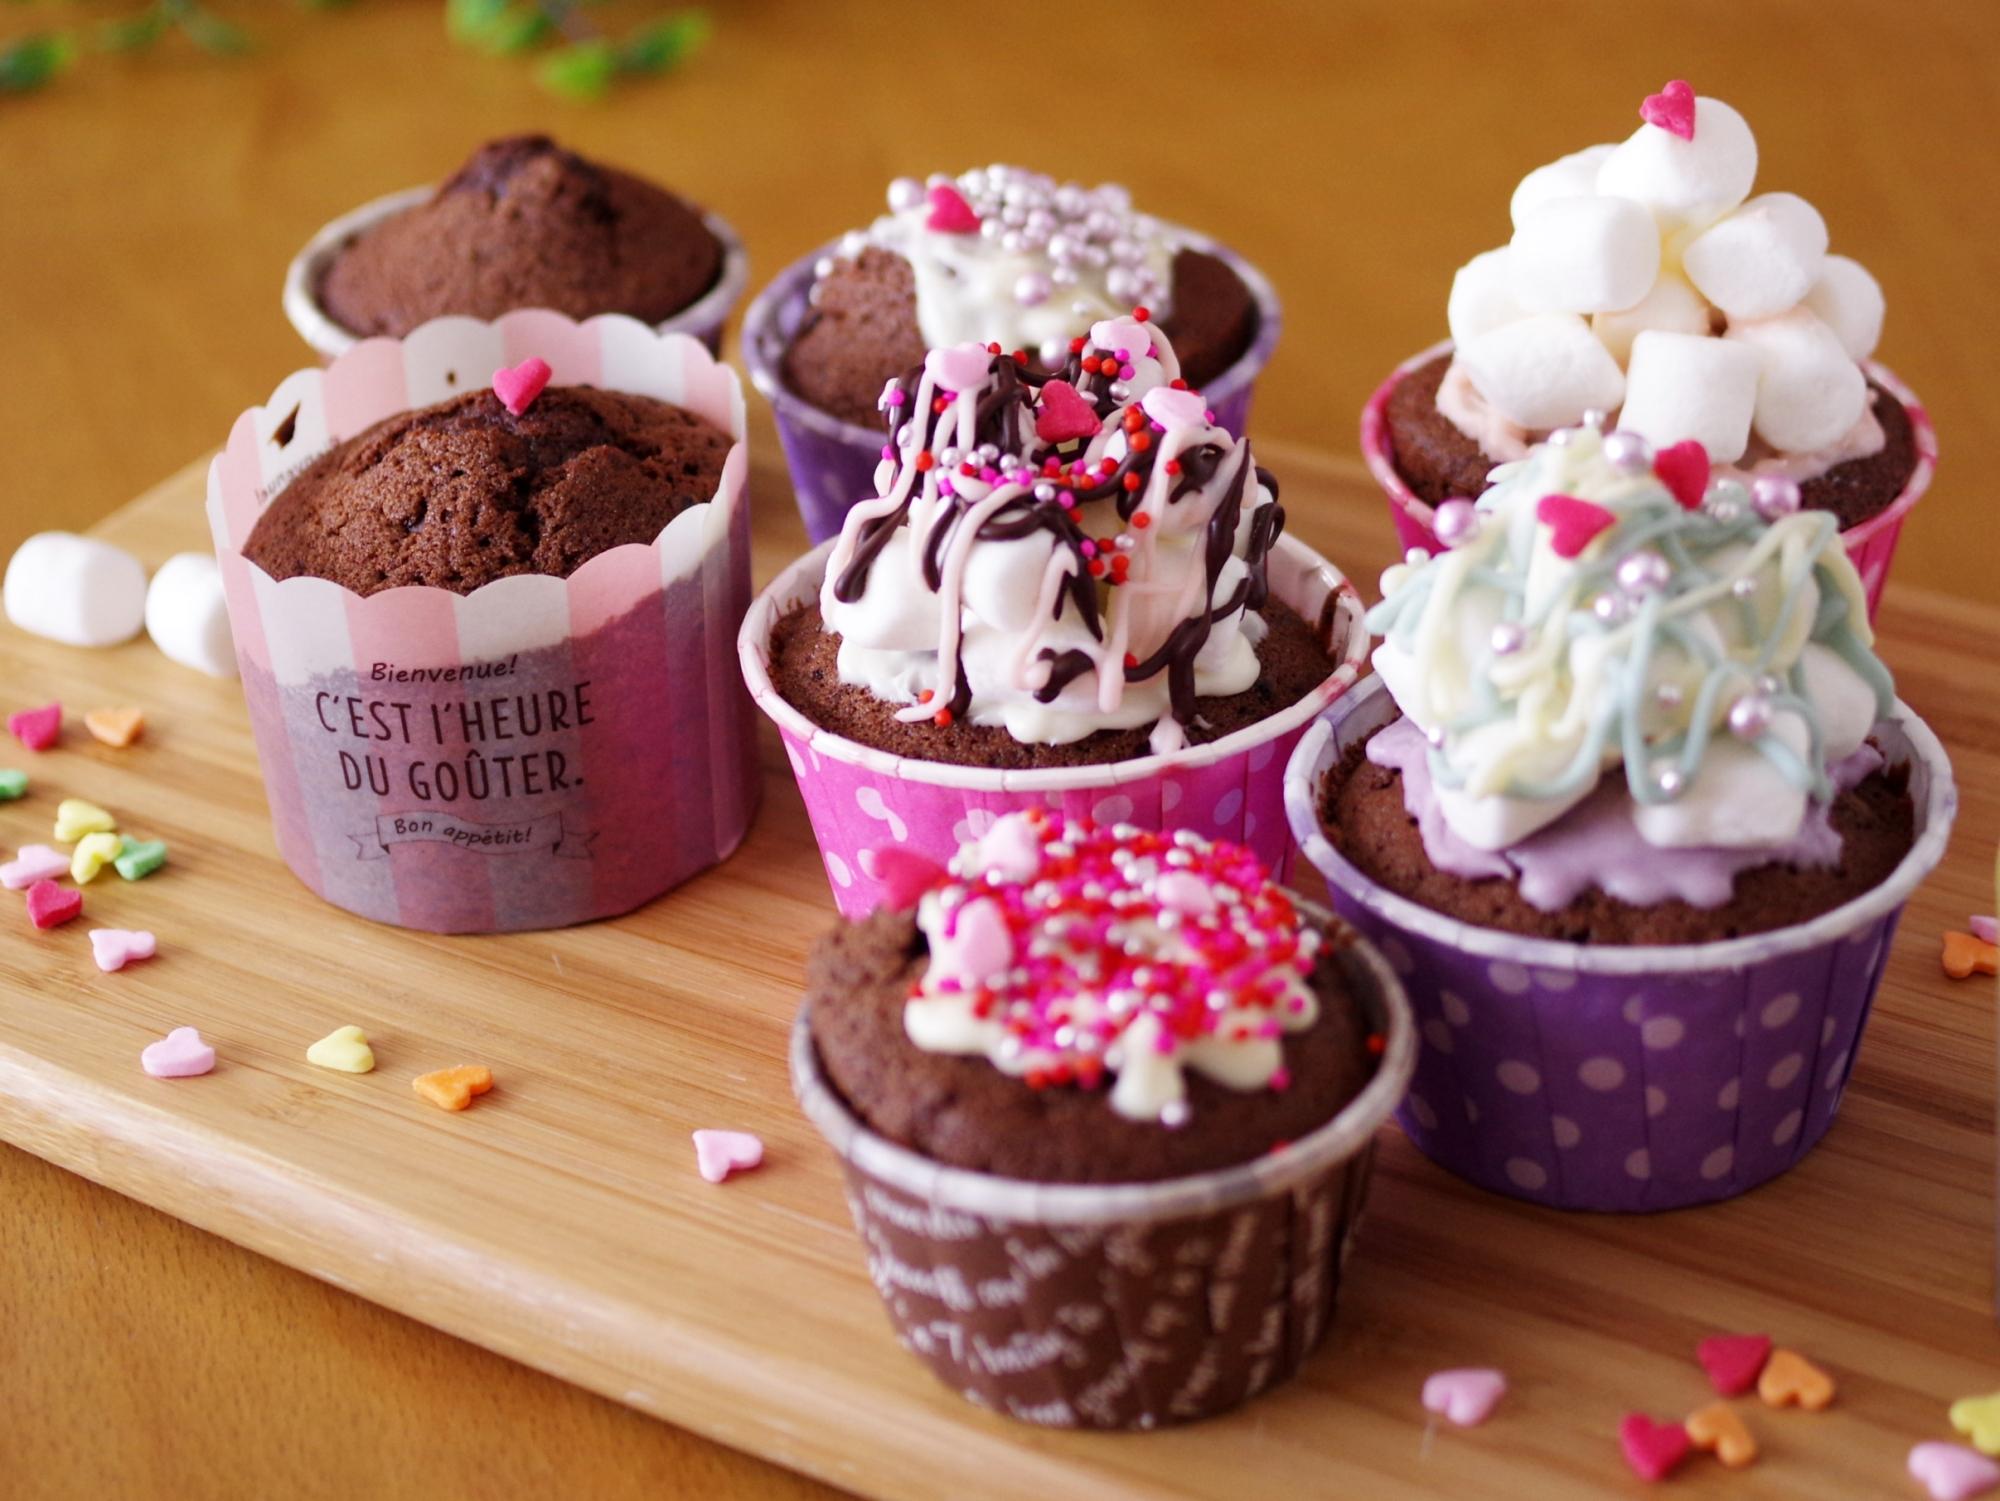 ダブルチョコのカップケーキでバレンタイン☆簡単HM レシピ・作り方 by めろんぱんママ@めろんカフェ|楽天レシピ